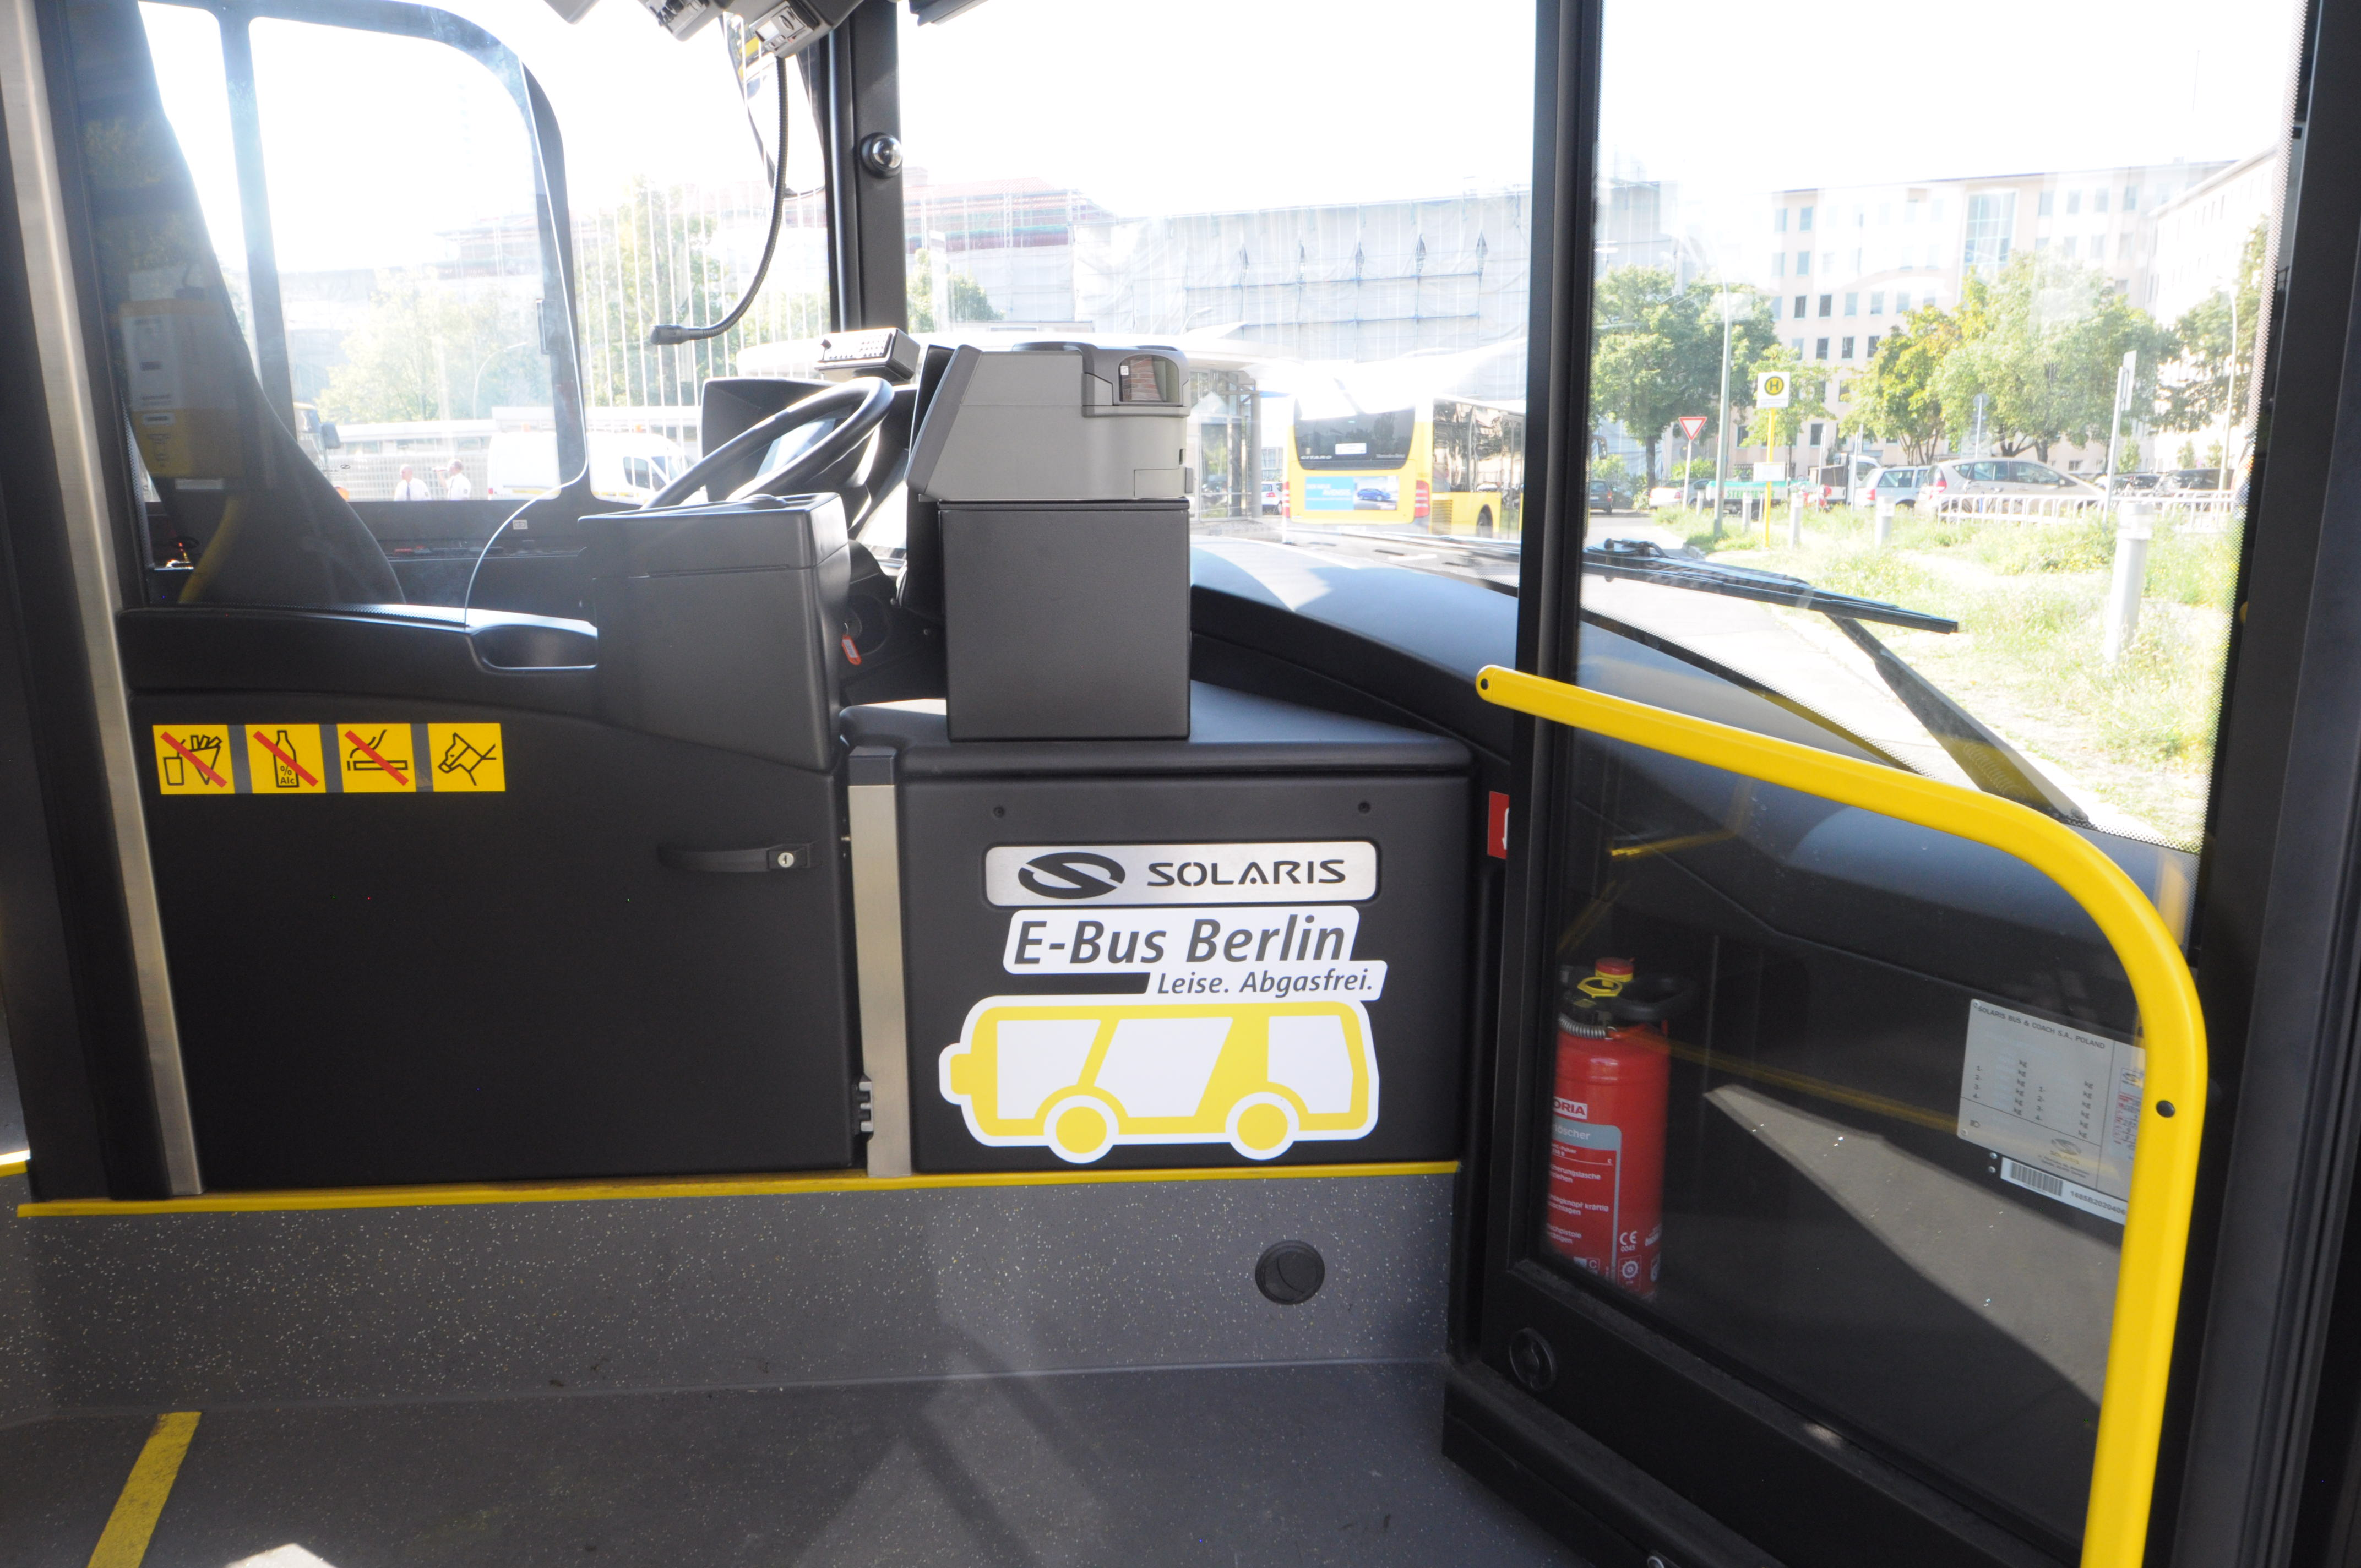 Bombardier Primove: Die BVG hat Probleme mit ihren Berliner Induktionsbussen - Im Inneren deutet wenig auf den Elektroantrieb. (Foto: Andreas Sebayang/Golem.de)